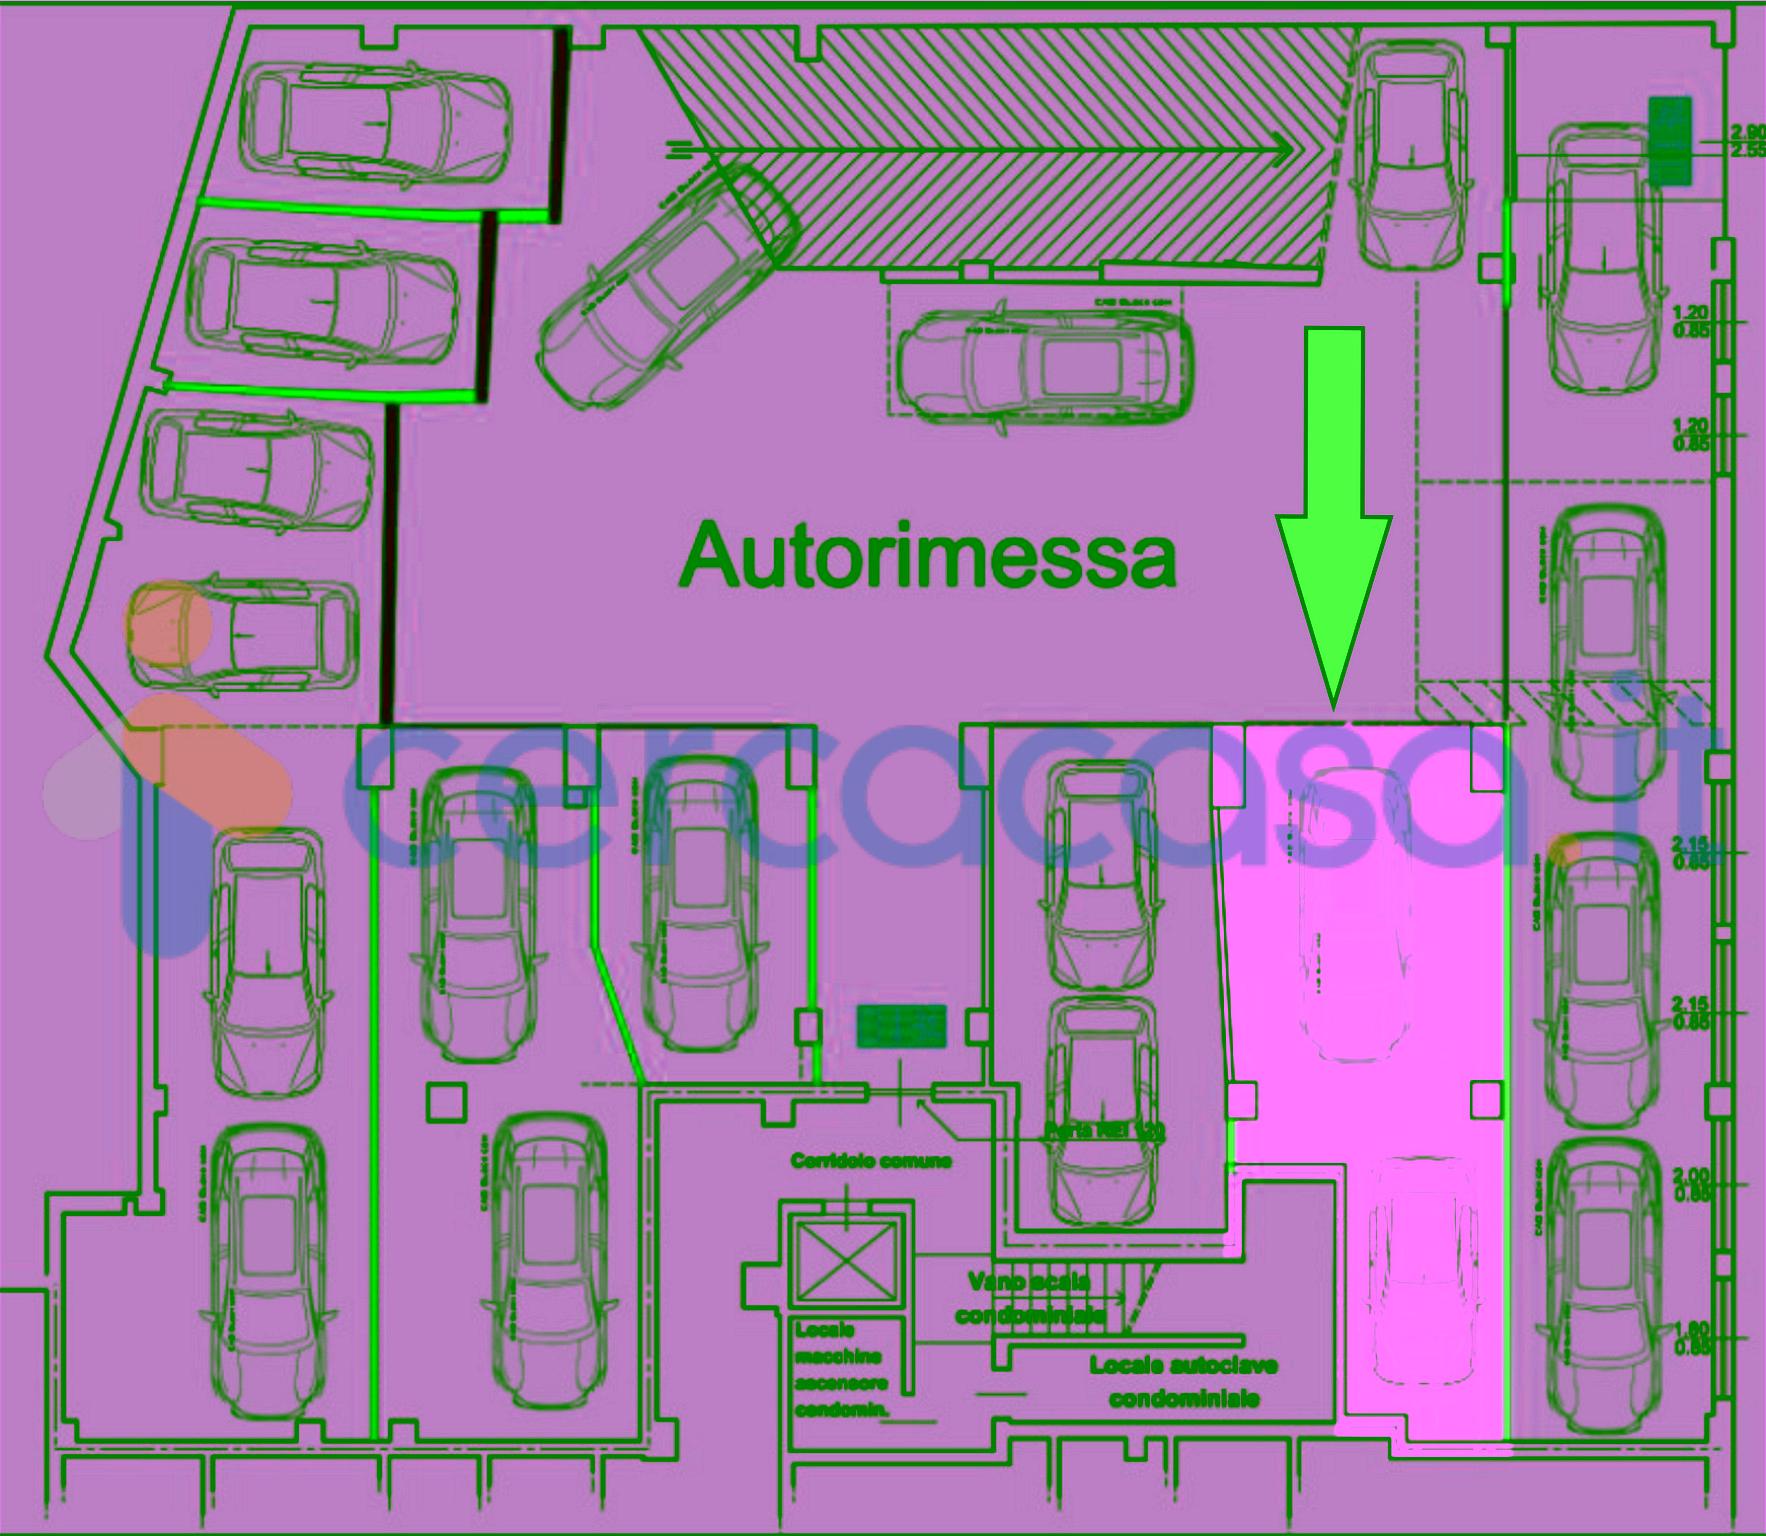 _garage-_n__002e-7-in-vendita-in-_via-_monte-_mucrone__002c-6-__2013-_biella